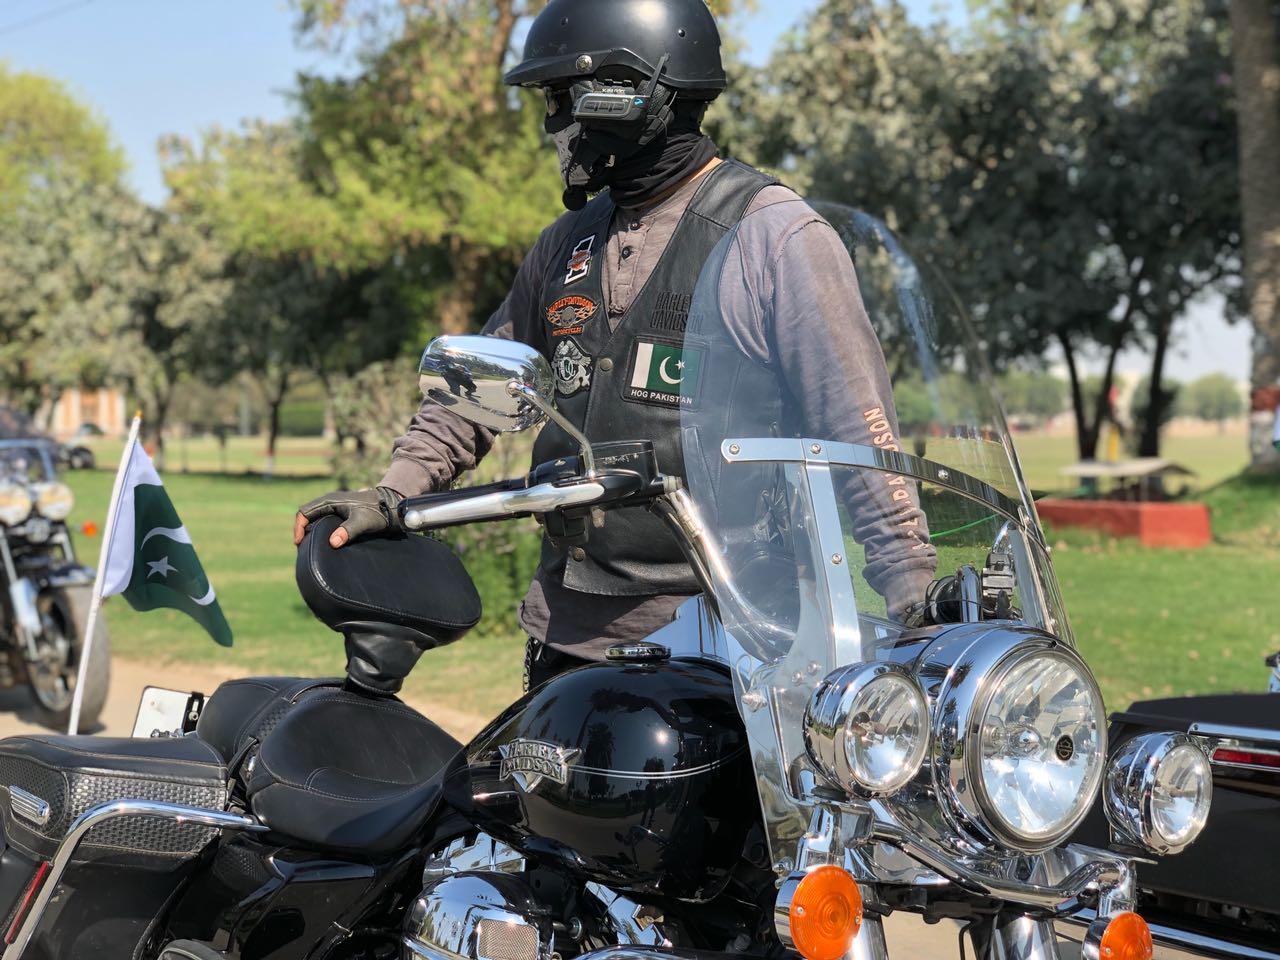 Adeel Malik Harley Davidson Road King